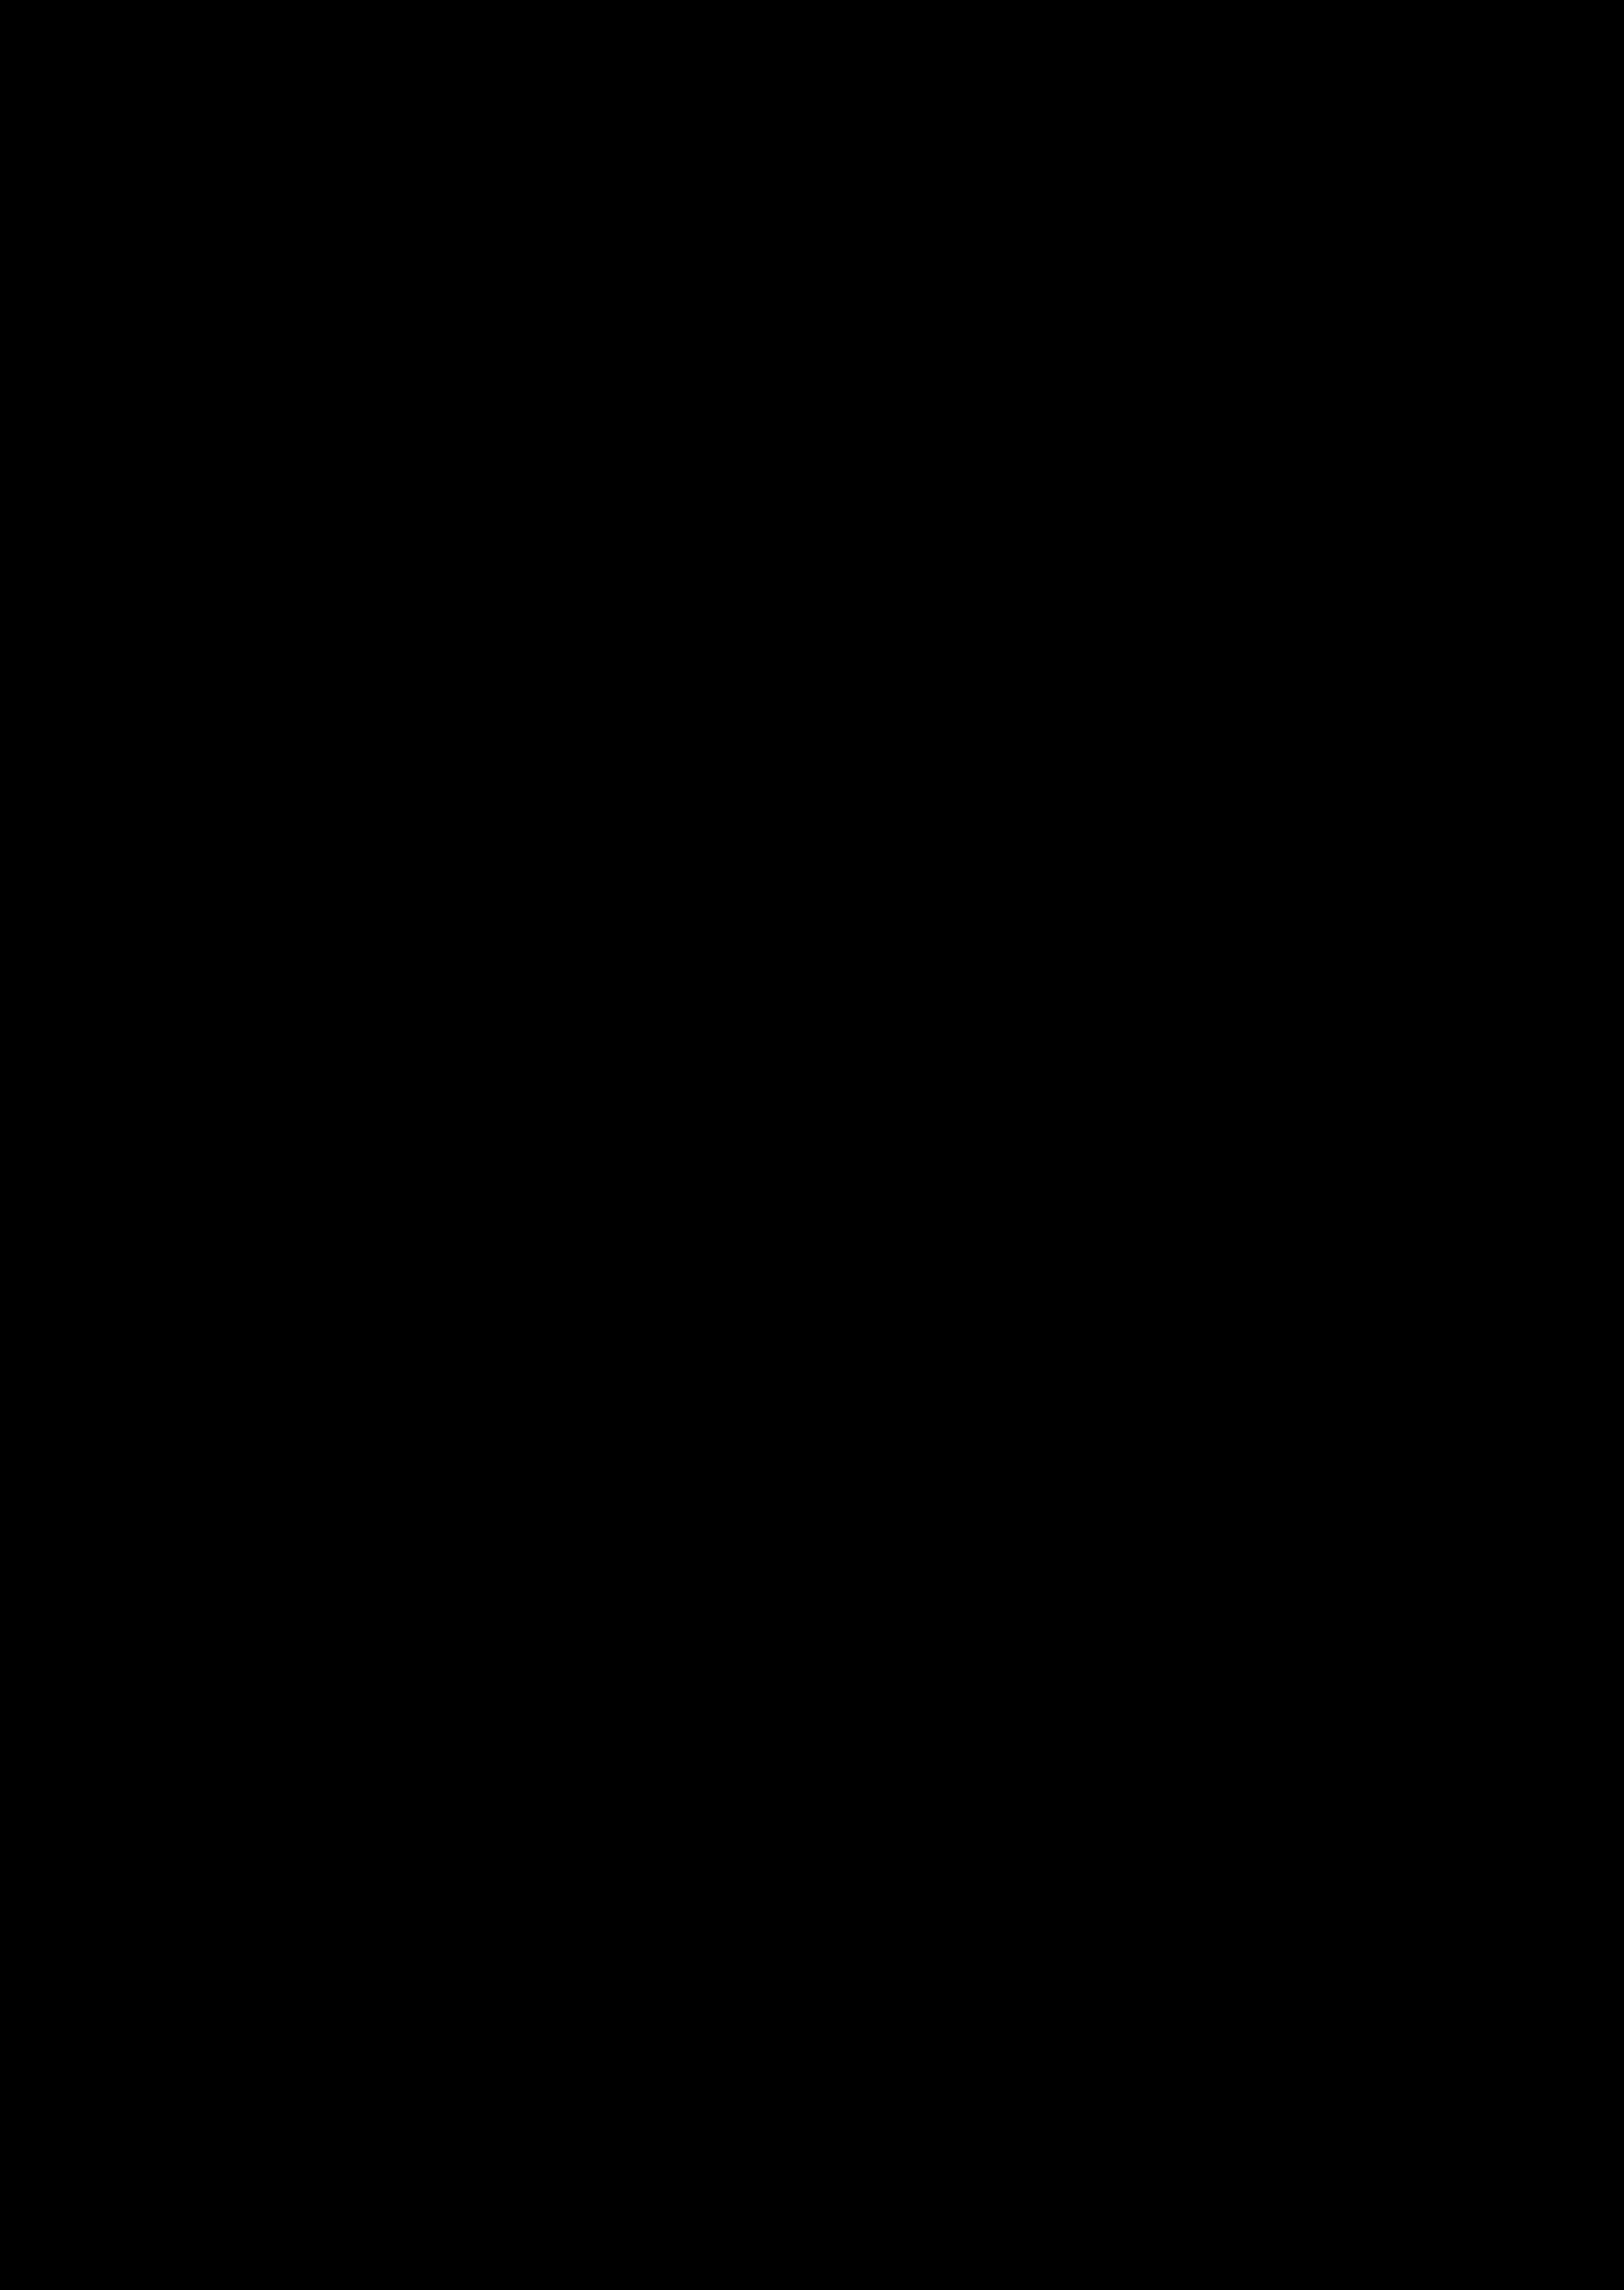 Image of <i>Brachionidium valerioi</i> Ames & C. Schweinf.